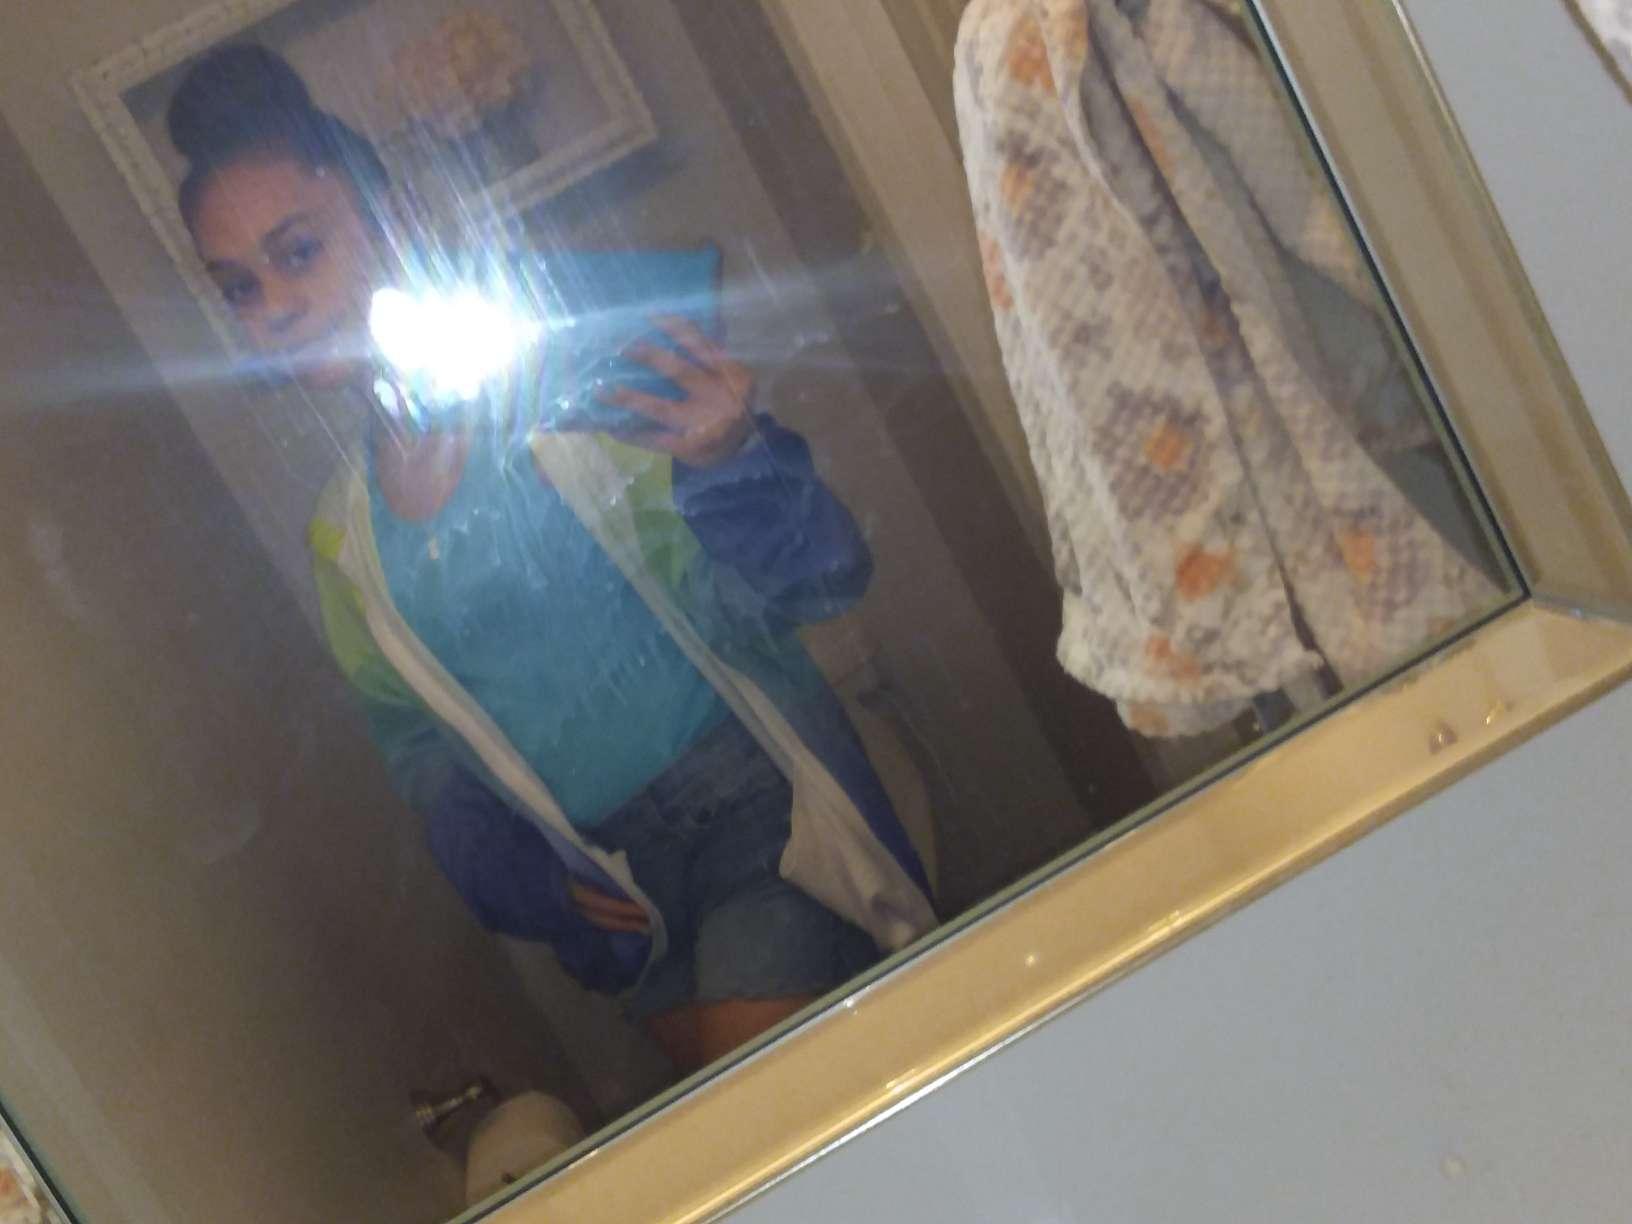 matti 's profile image